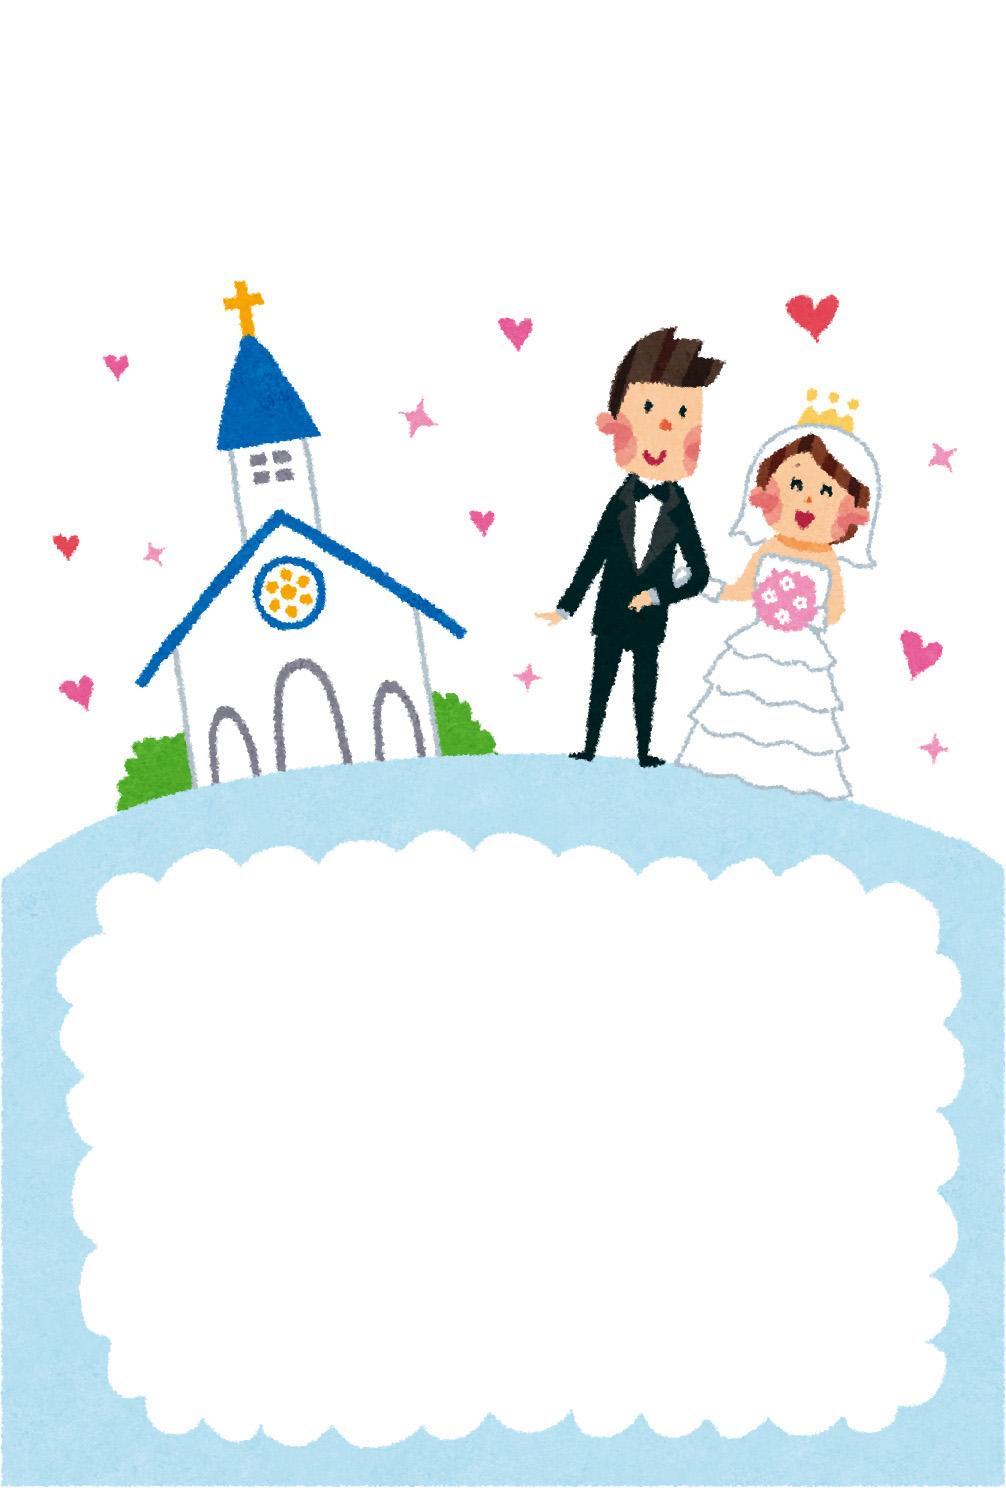 結婚報告のテンプレート「チャペル」 | かわいいフリー素材集 いらすとや